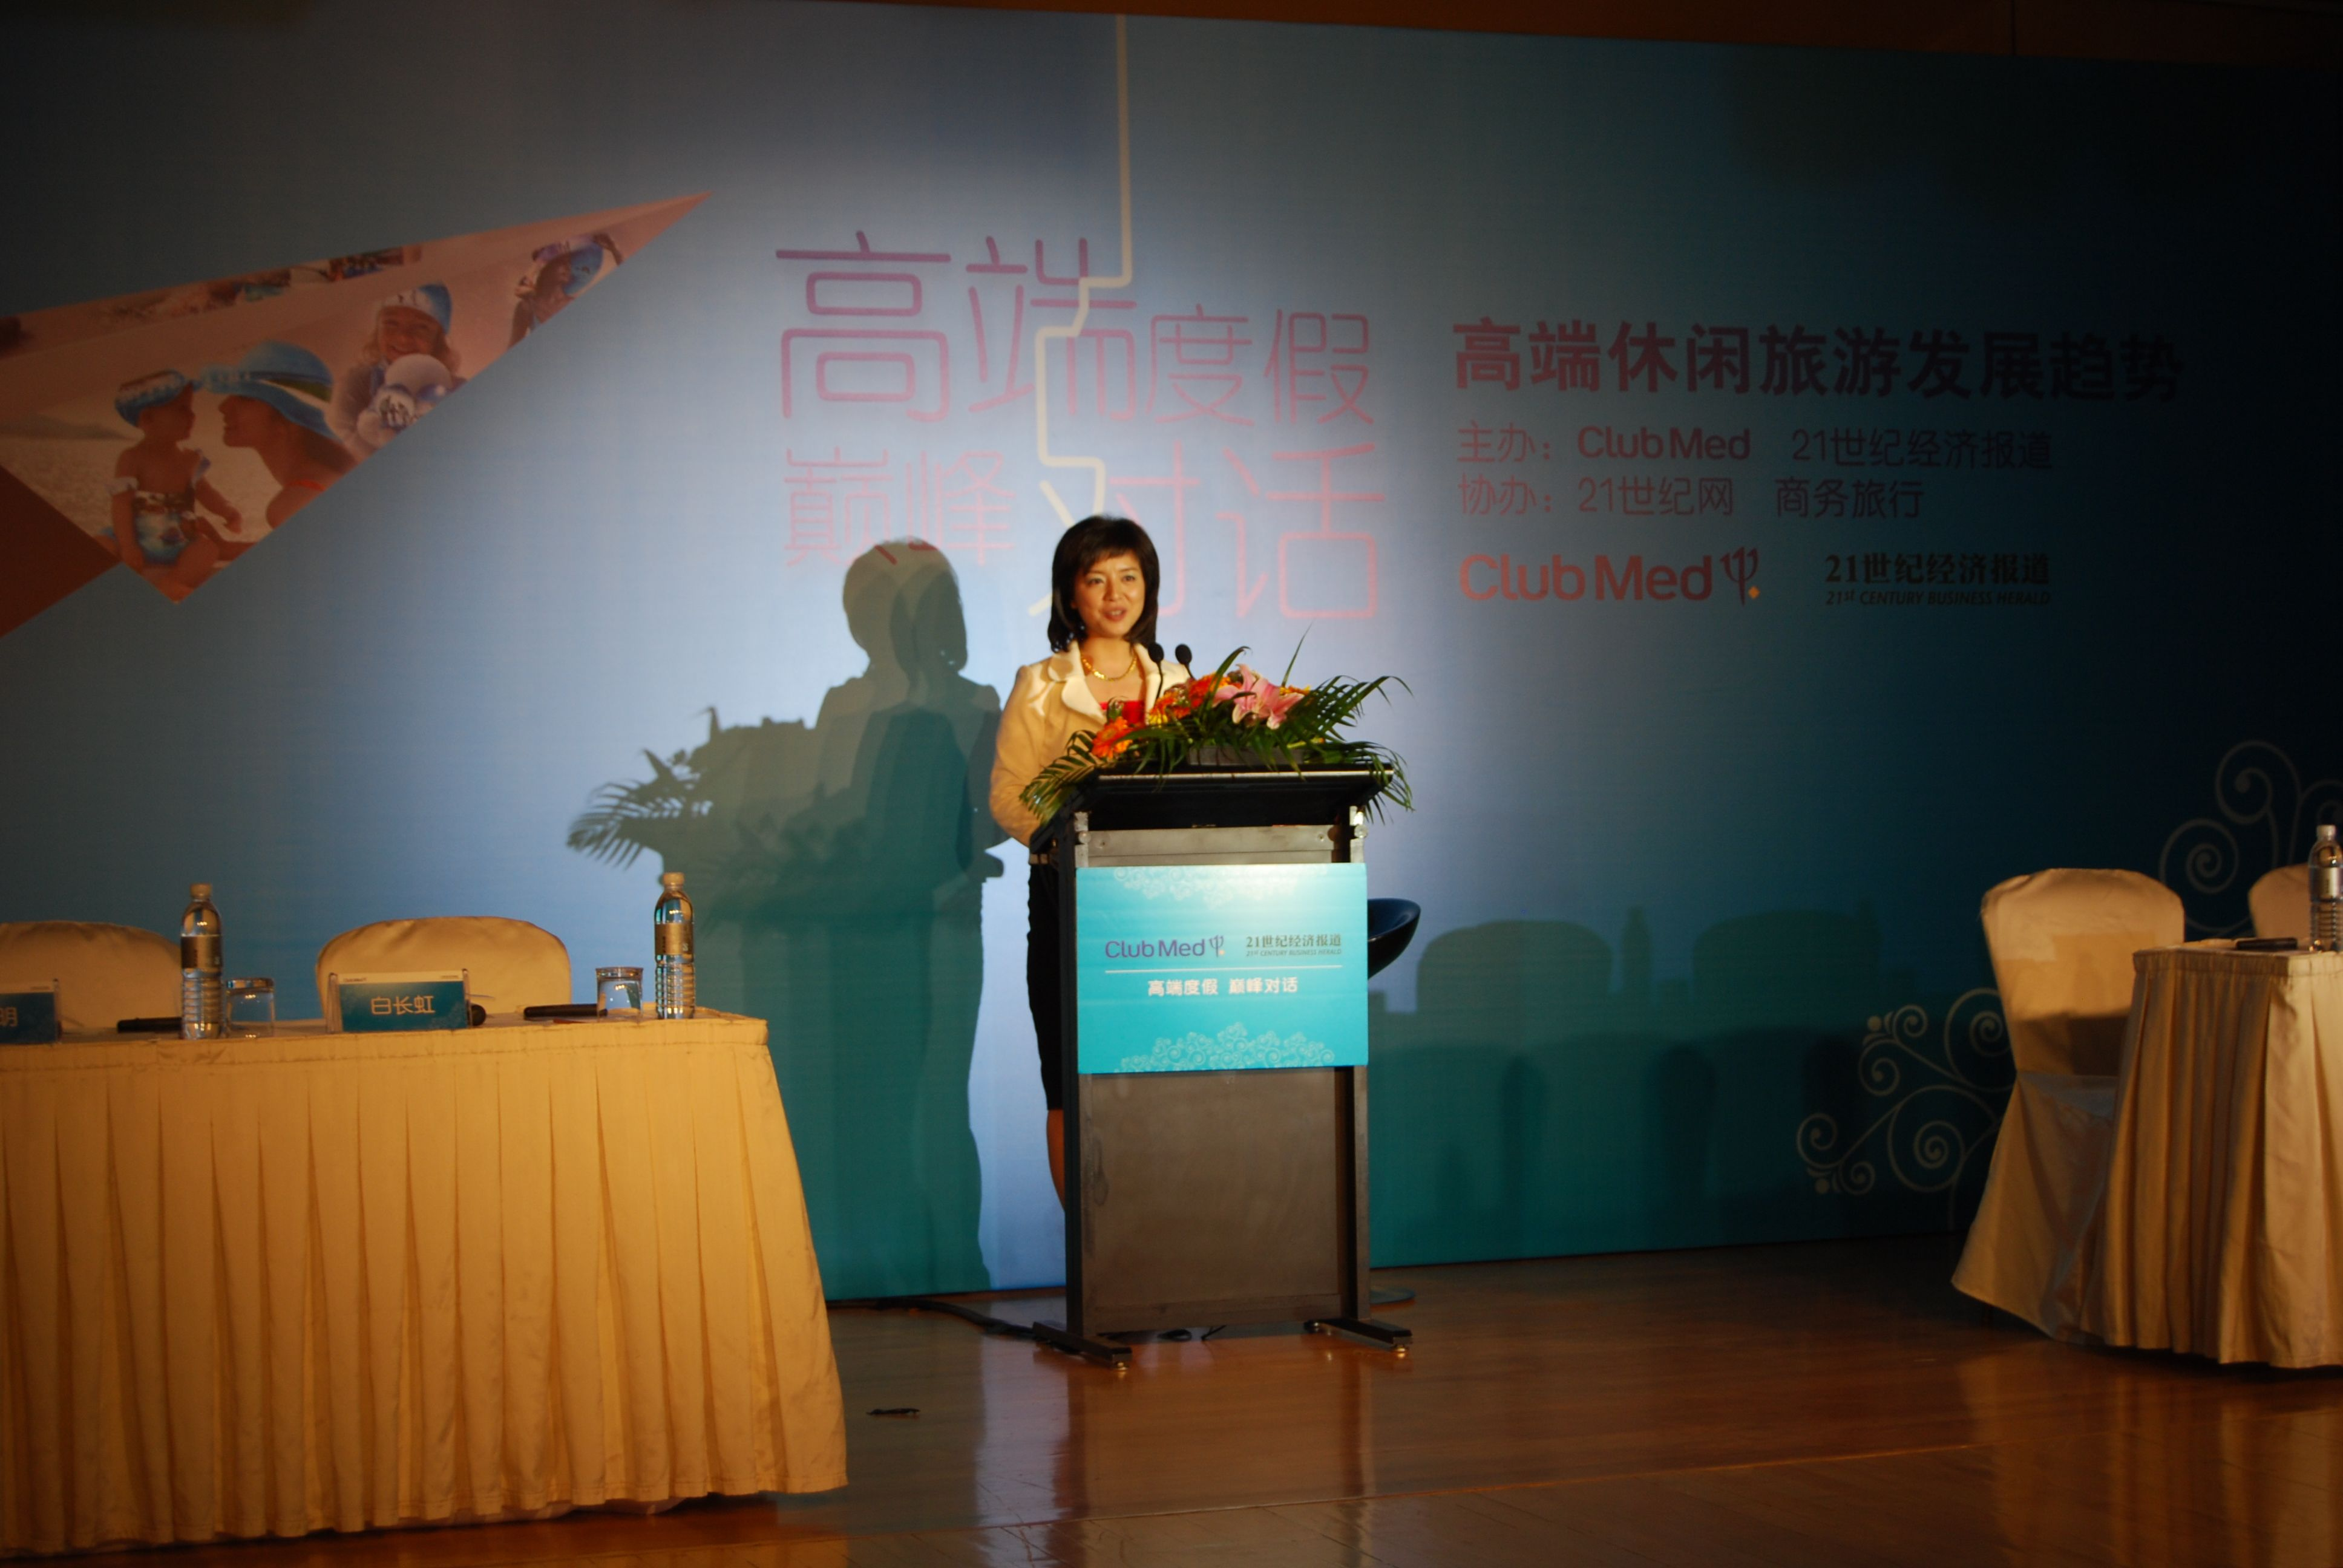 2009中国高端休闲旅游论坛开幕致辞